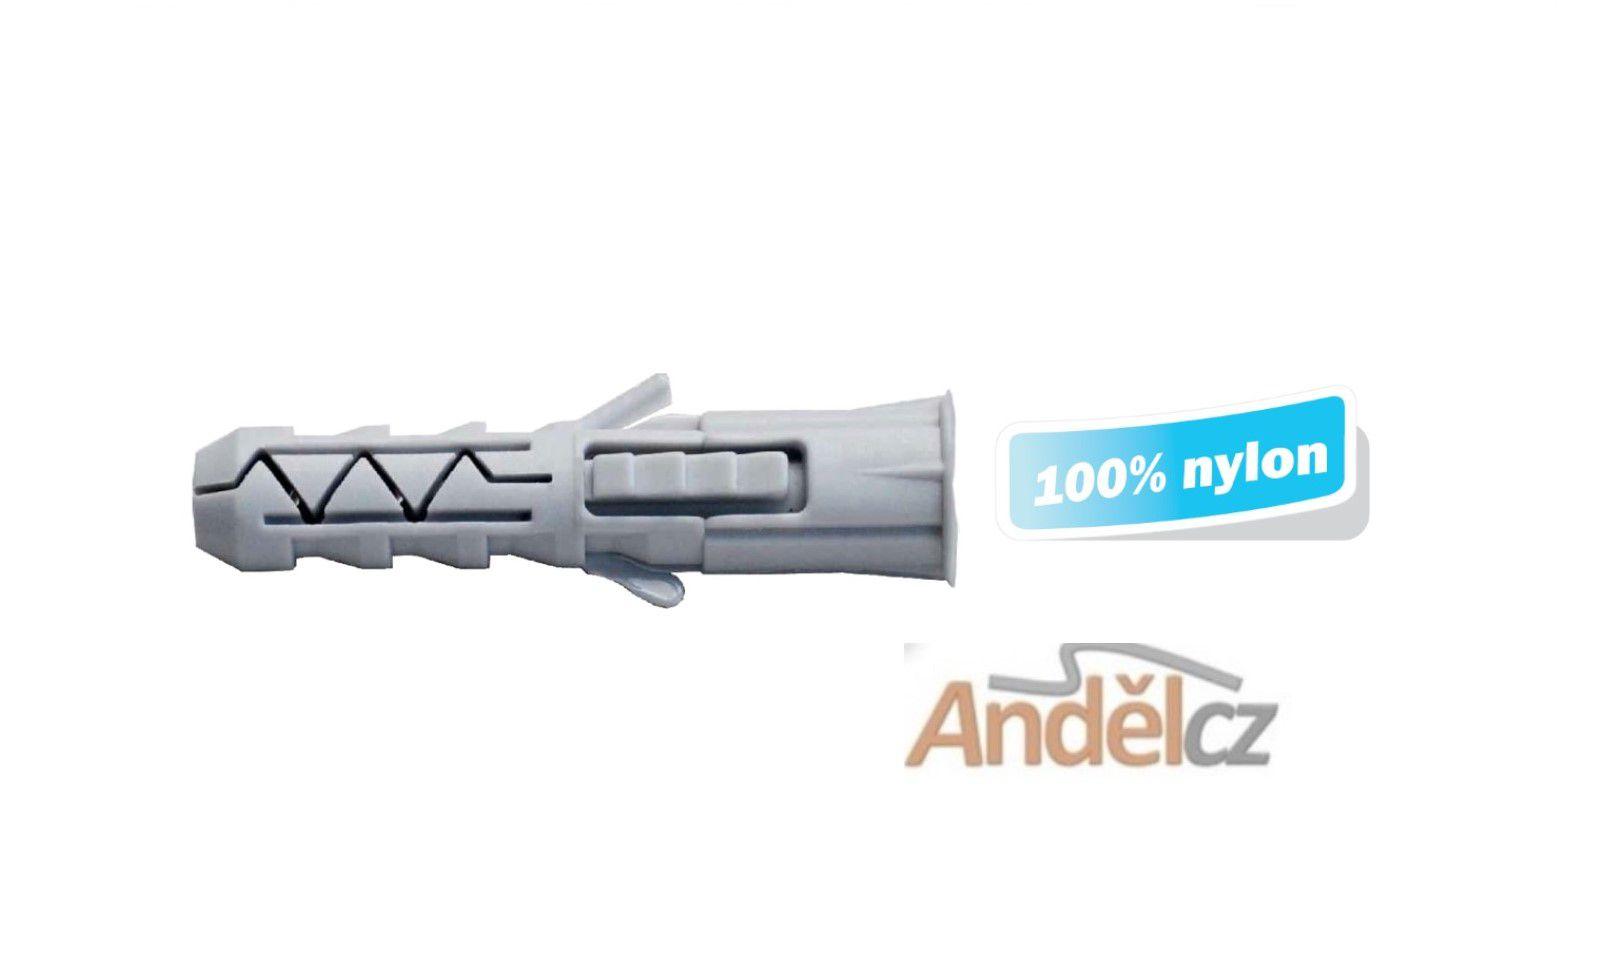 Hmoždinka nylonová stavební KNX-12x80 s trojnásobným rozepřením